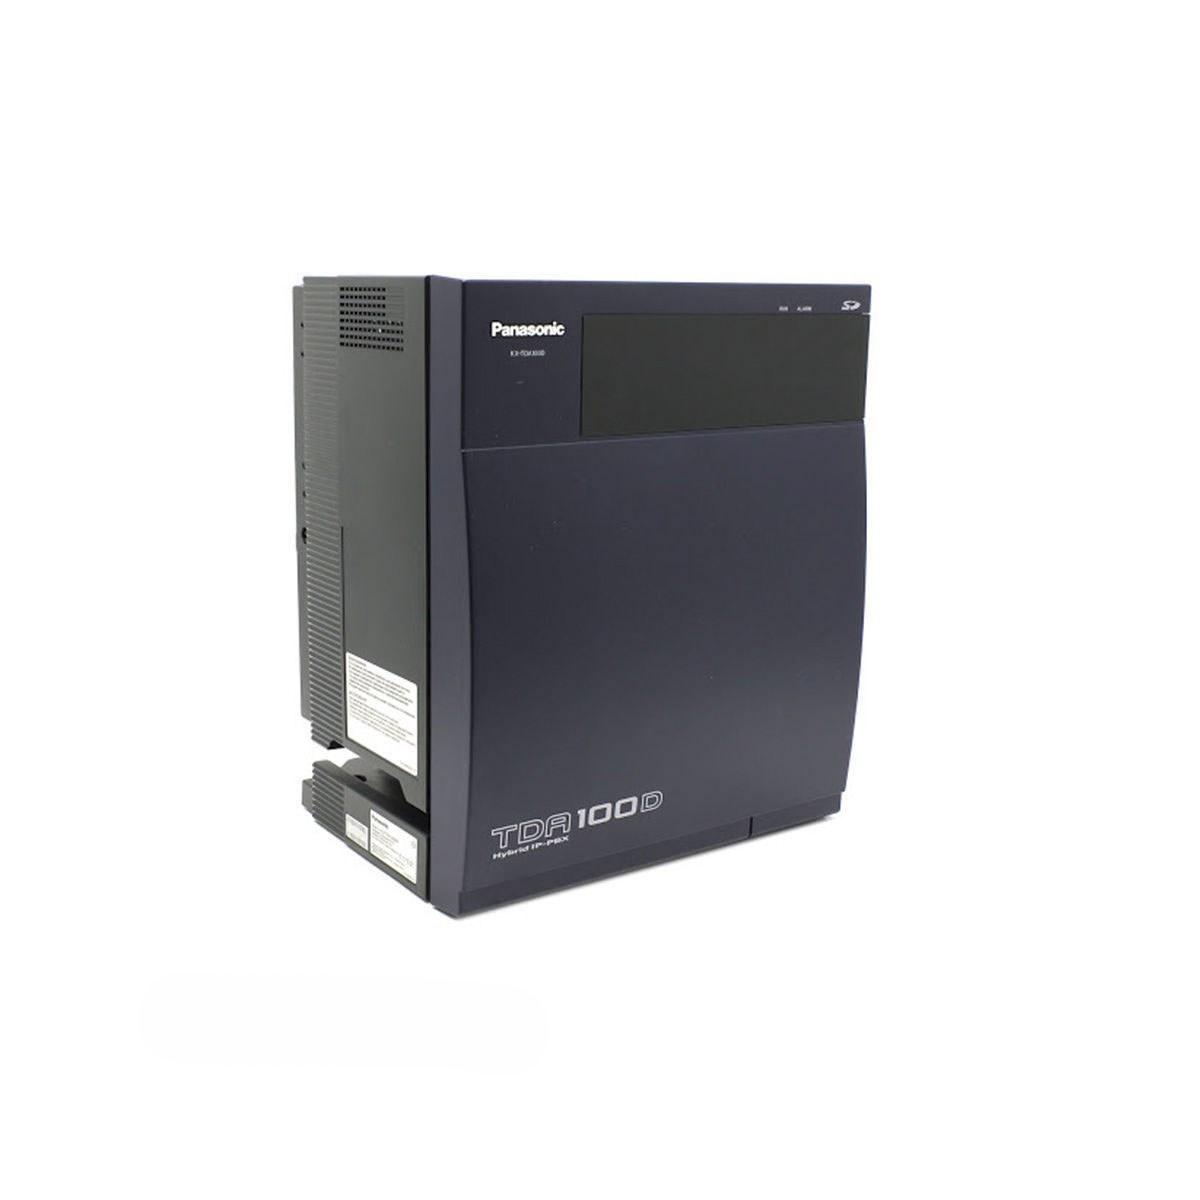 تصویر دستگاه سانترال پاناسونیک KX-TDA100DBP Panasonic KX-TDA100DBP Central Device